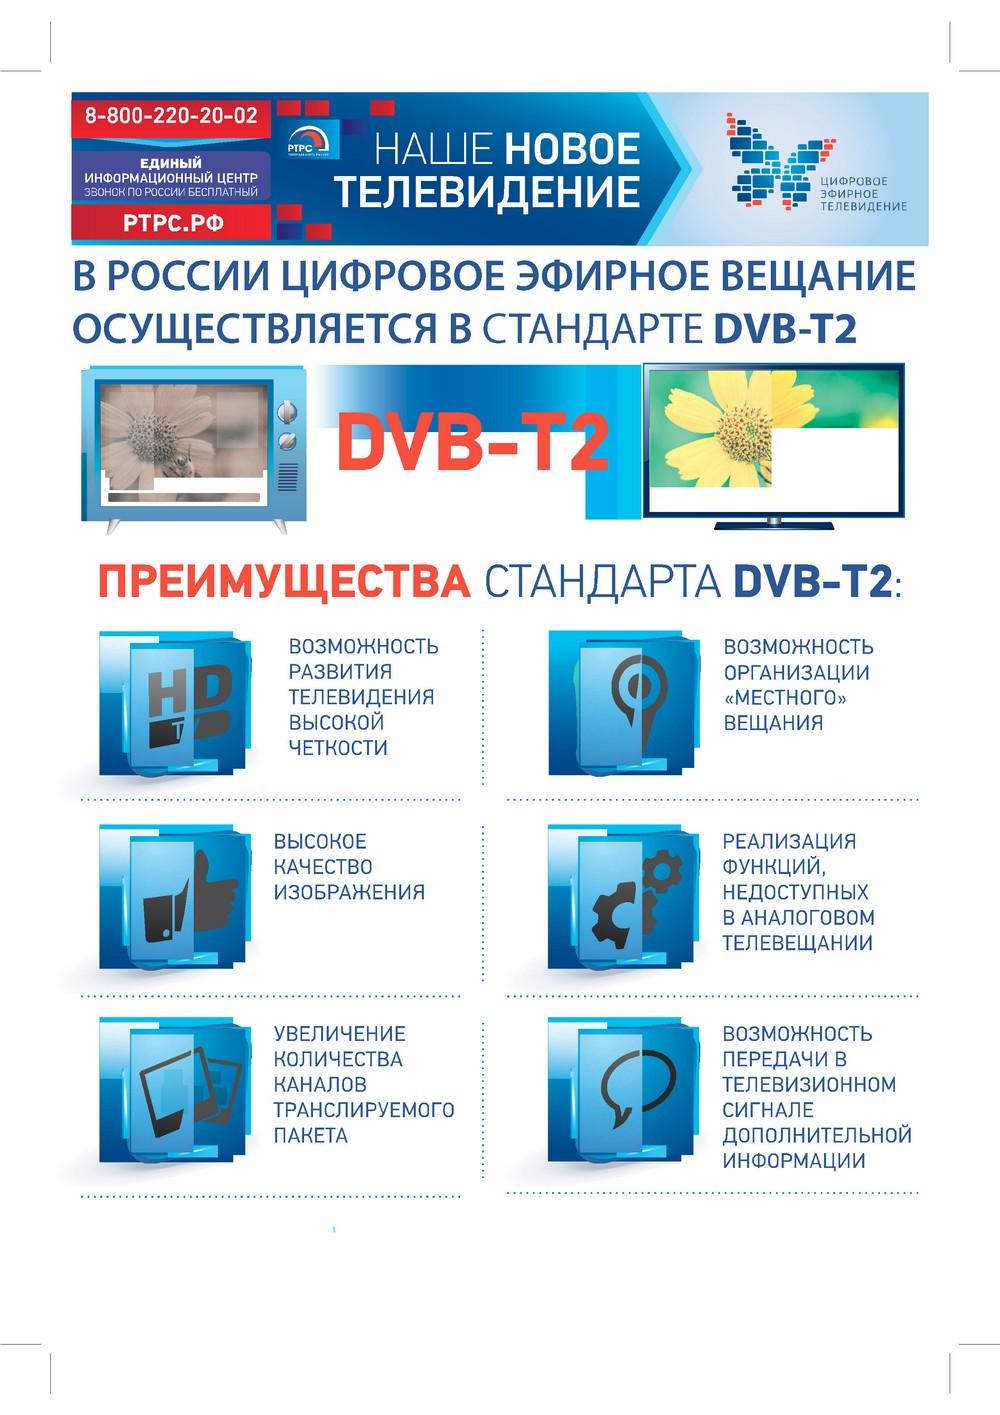 Преимущества цифрового телевидения доклад 2012